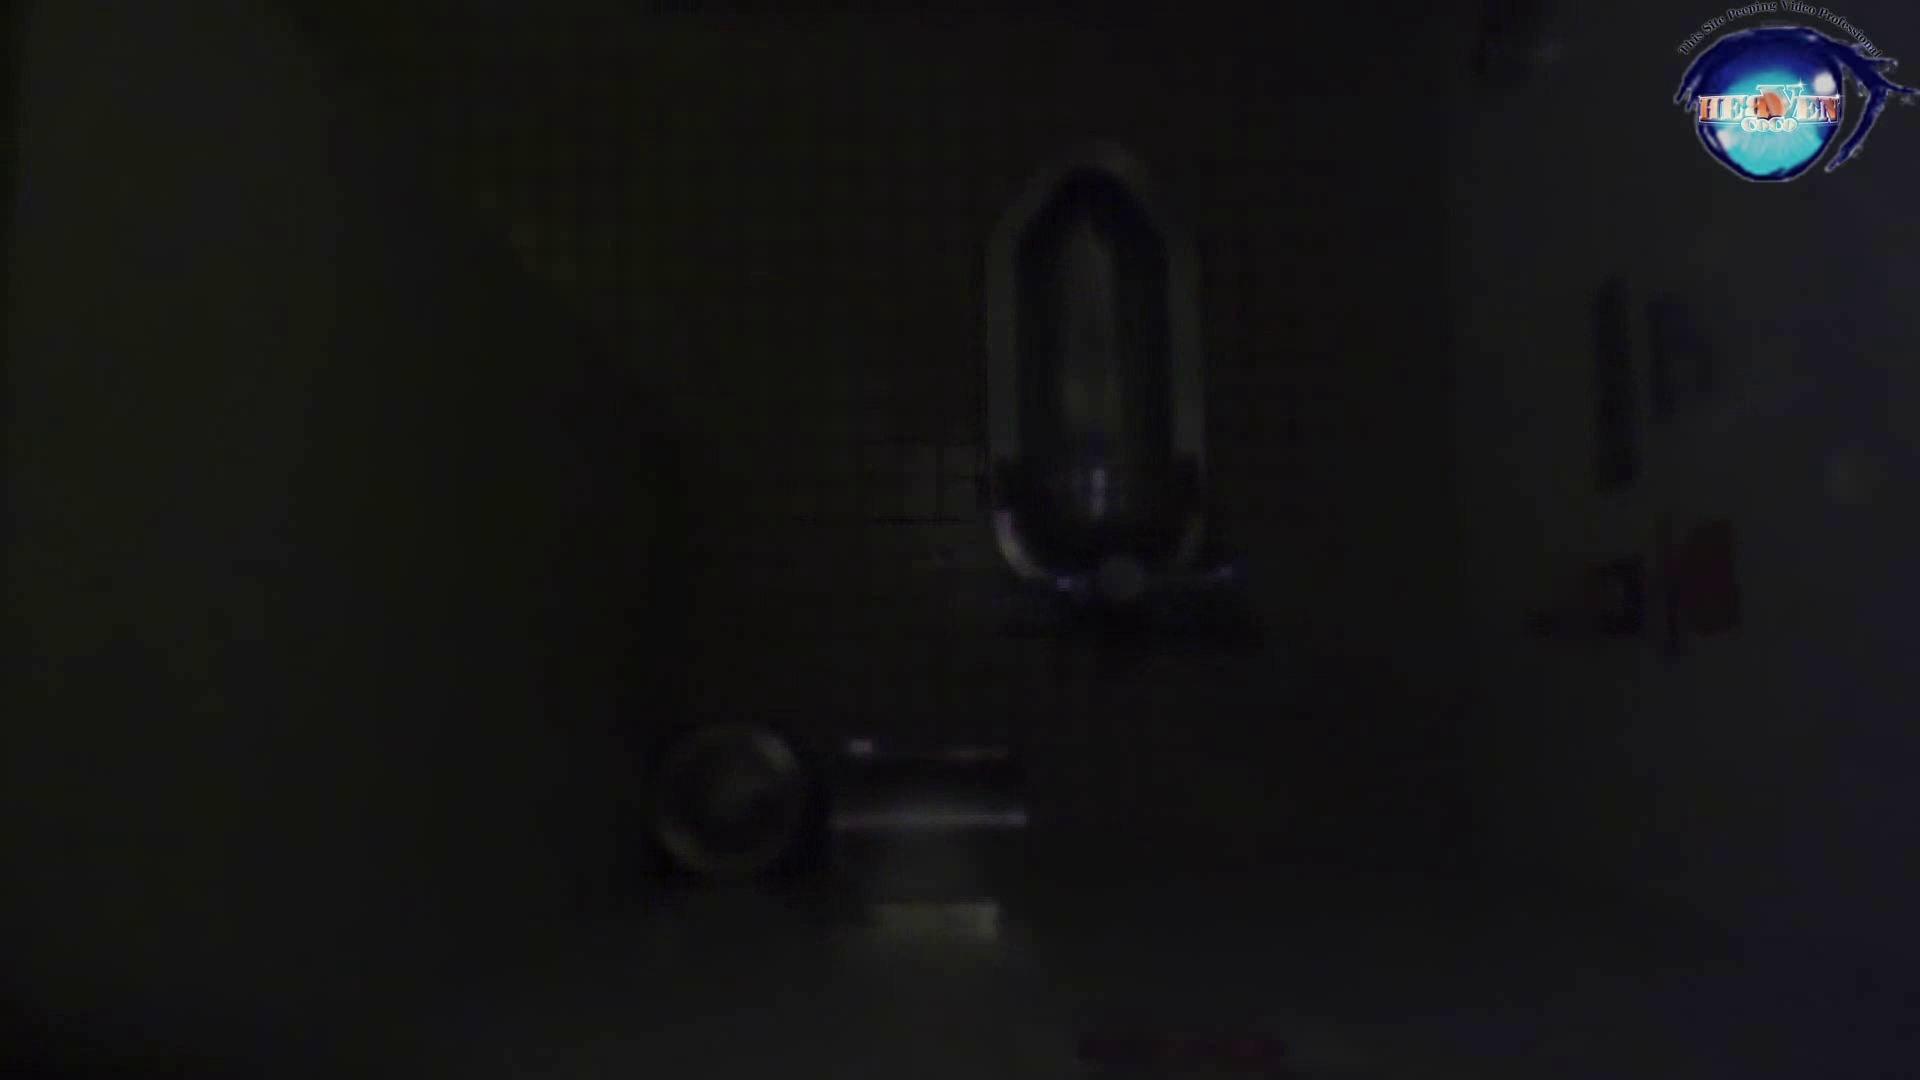 水泳大会選手の聖水 vol.04 トイレ ワレメ無修正動画無料 107枚 79